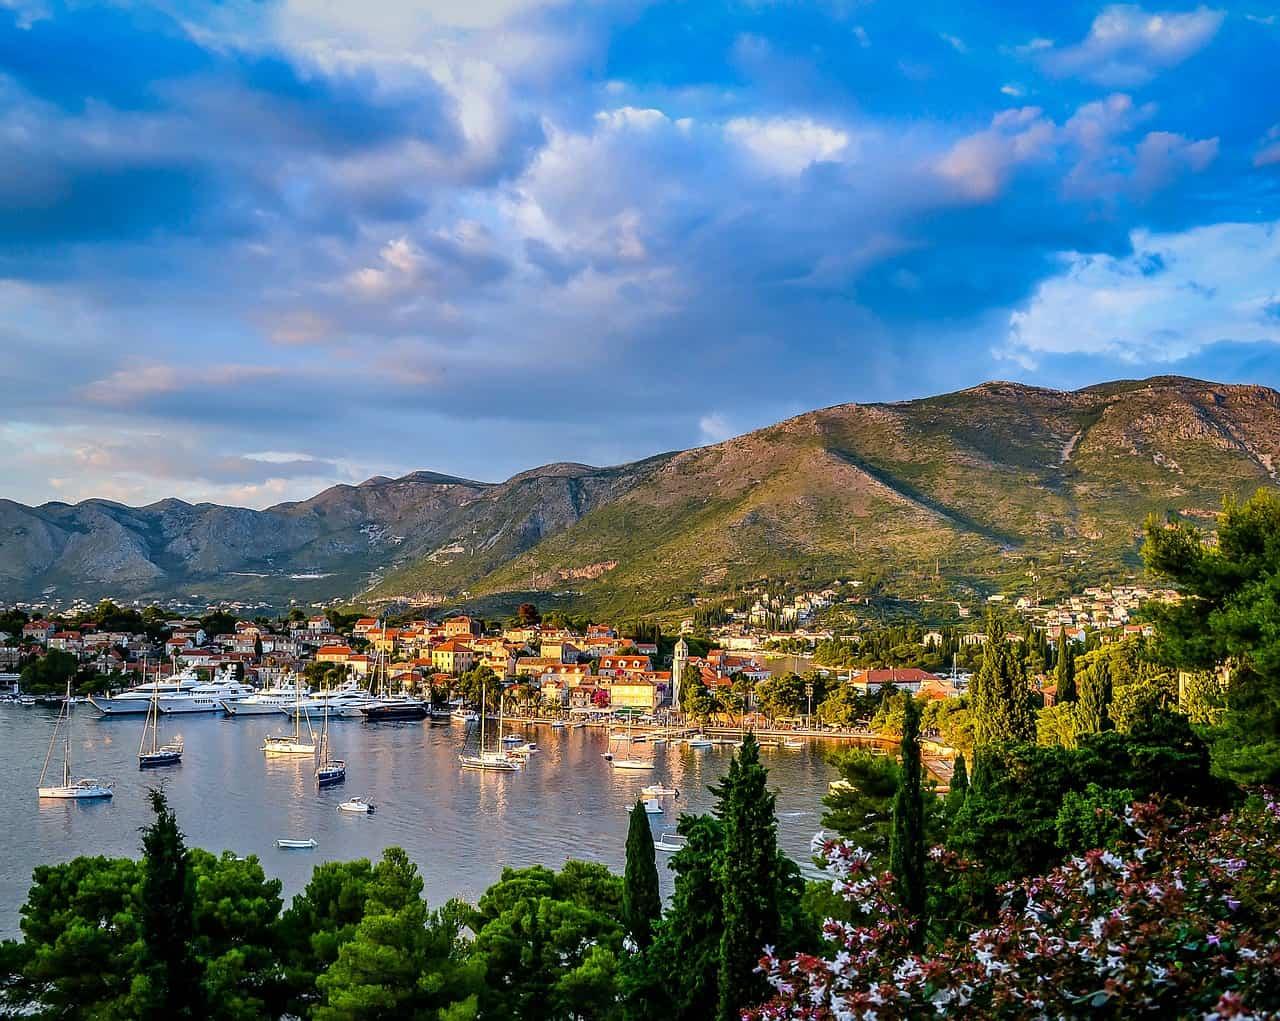 Malta Urlaub - 4 Sterne nur 230,00€ Eine Woche